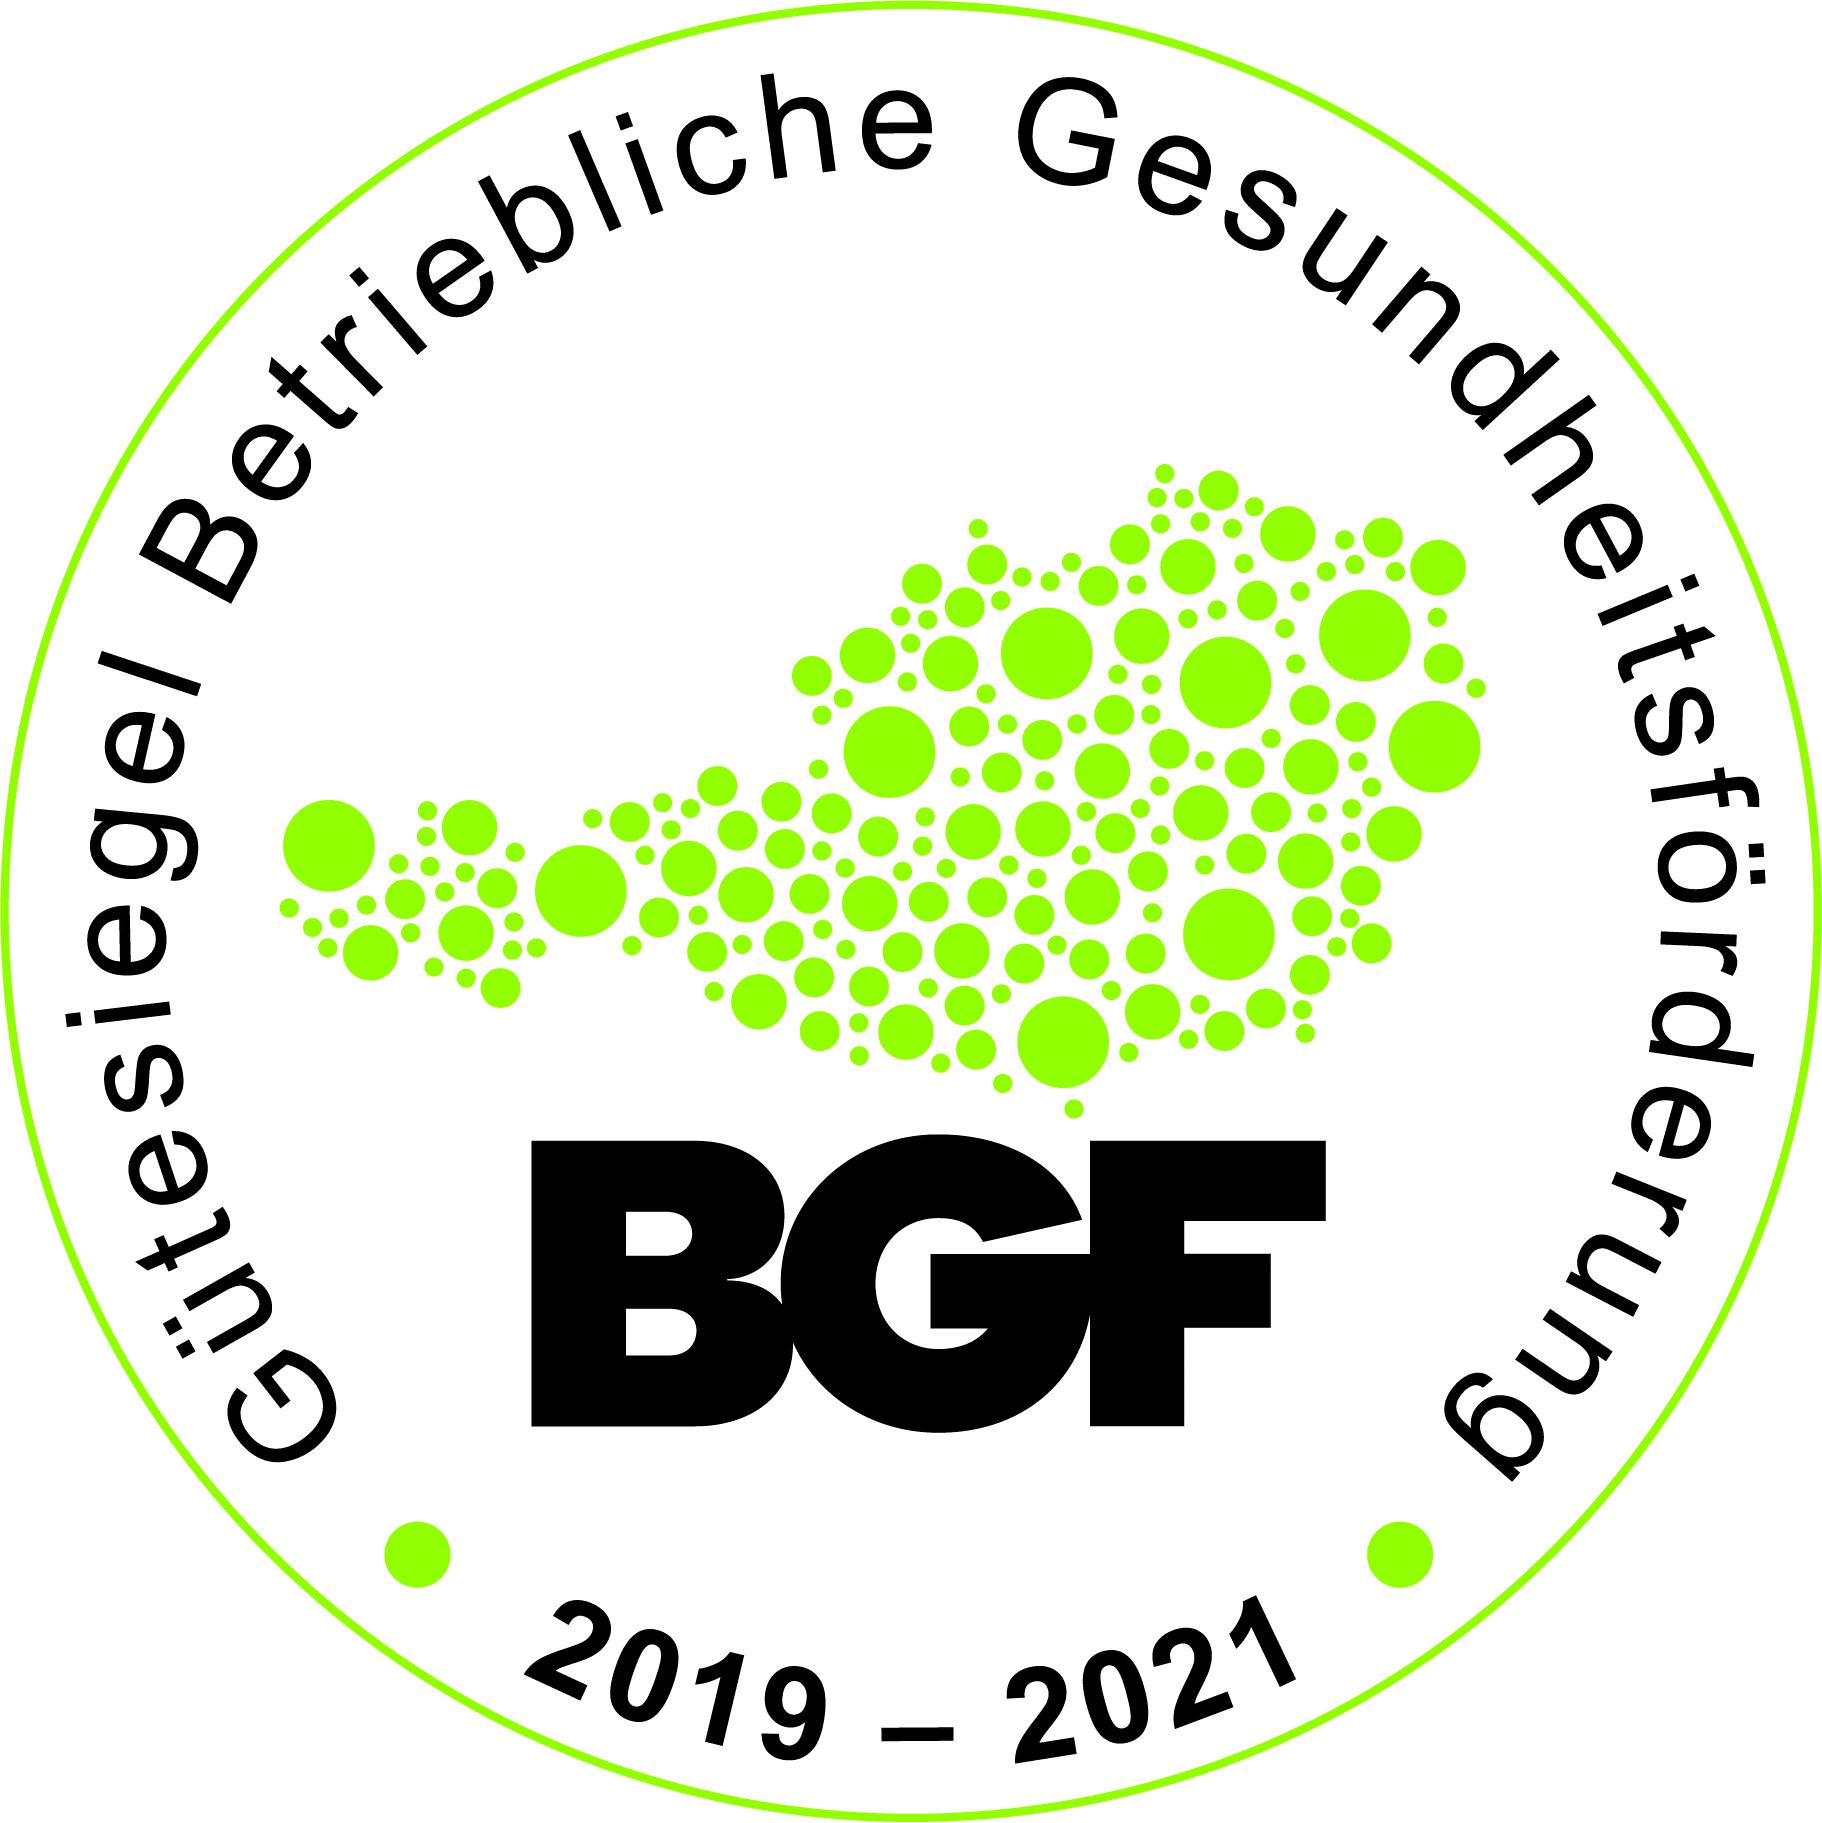 BGF Güstesiegel 2019 - 2021